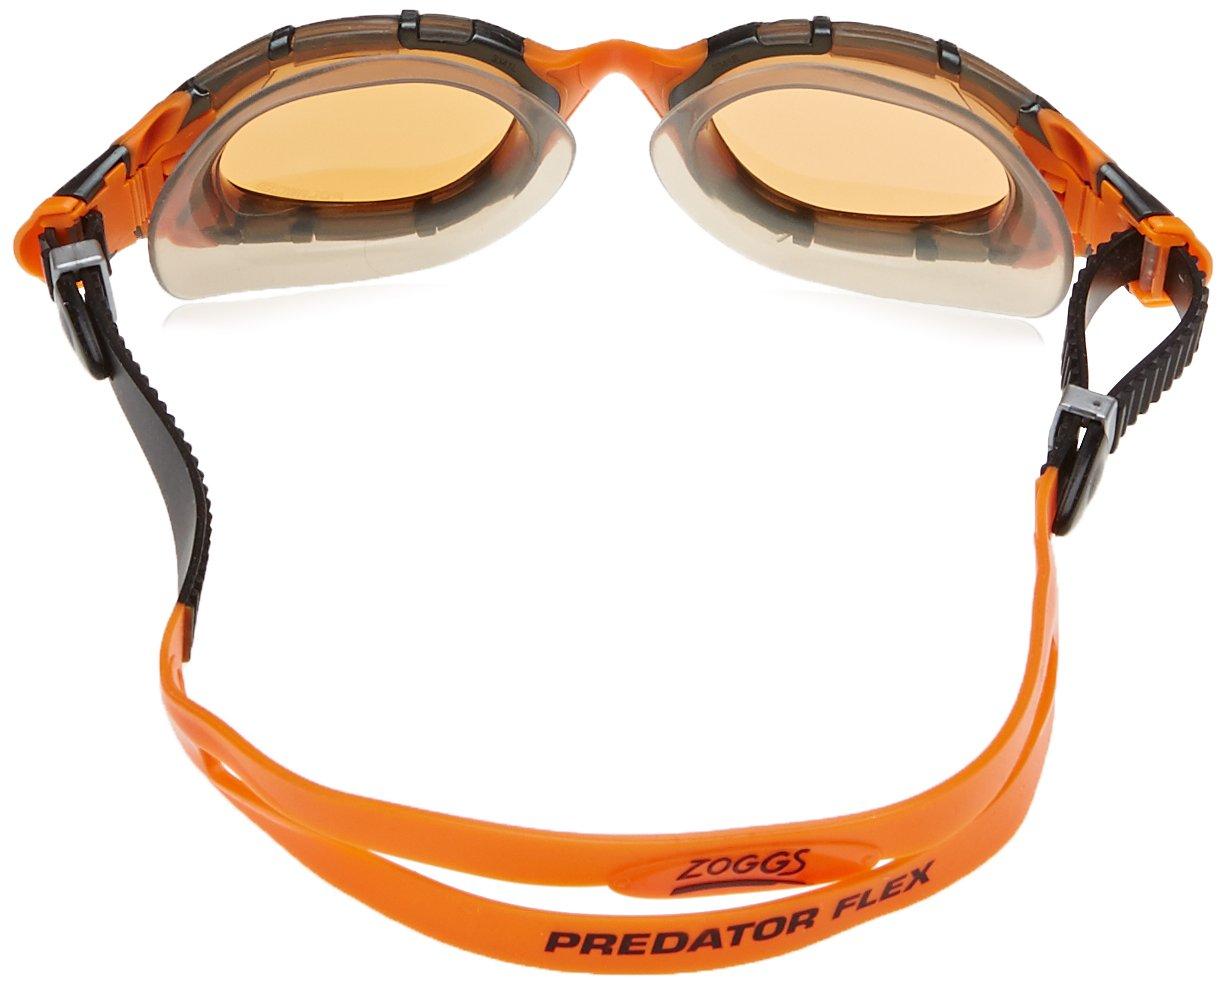 Zoggs Predator Flex Polarized Ultra - Gafas de natación, color negro/naranja, talla única: Amazon.es: Deportes y aire libre